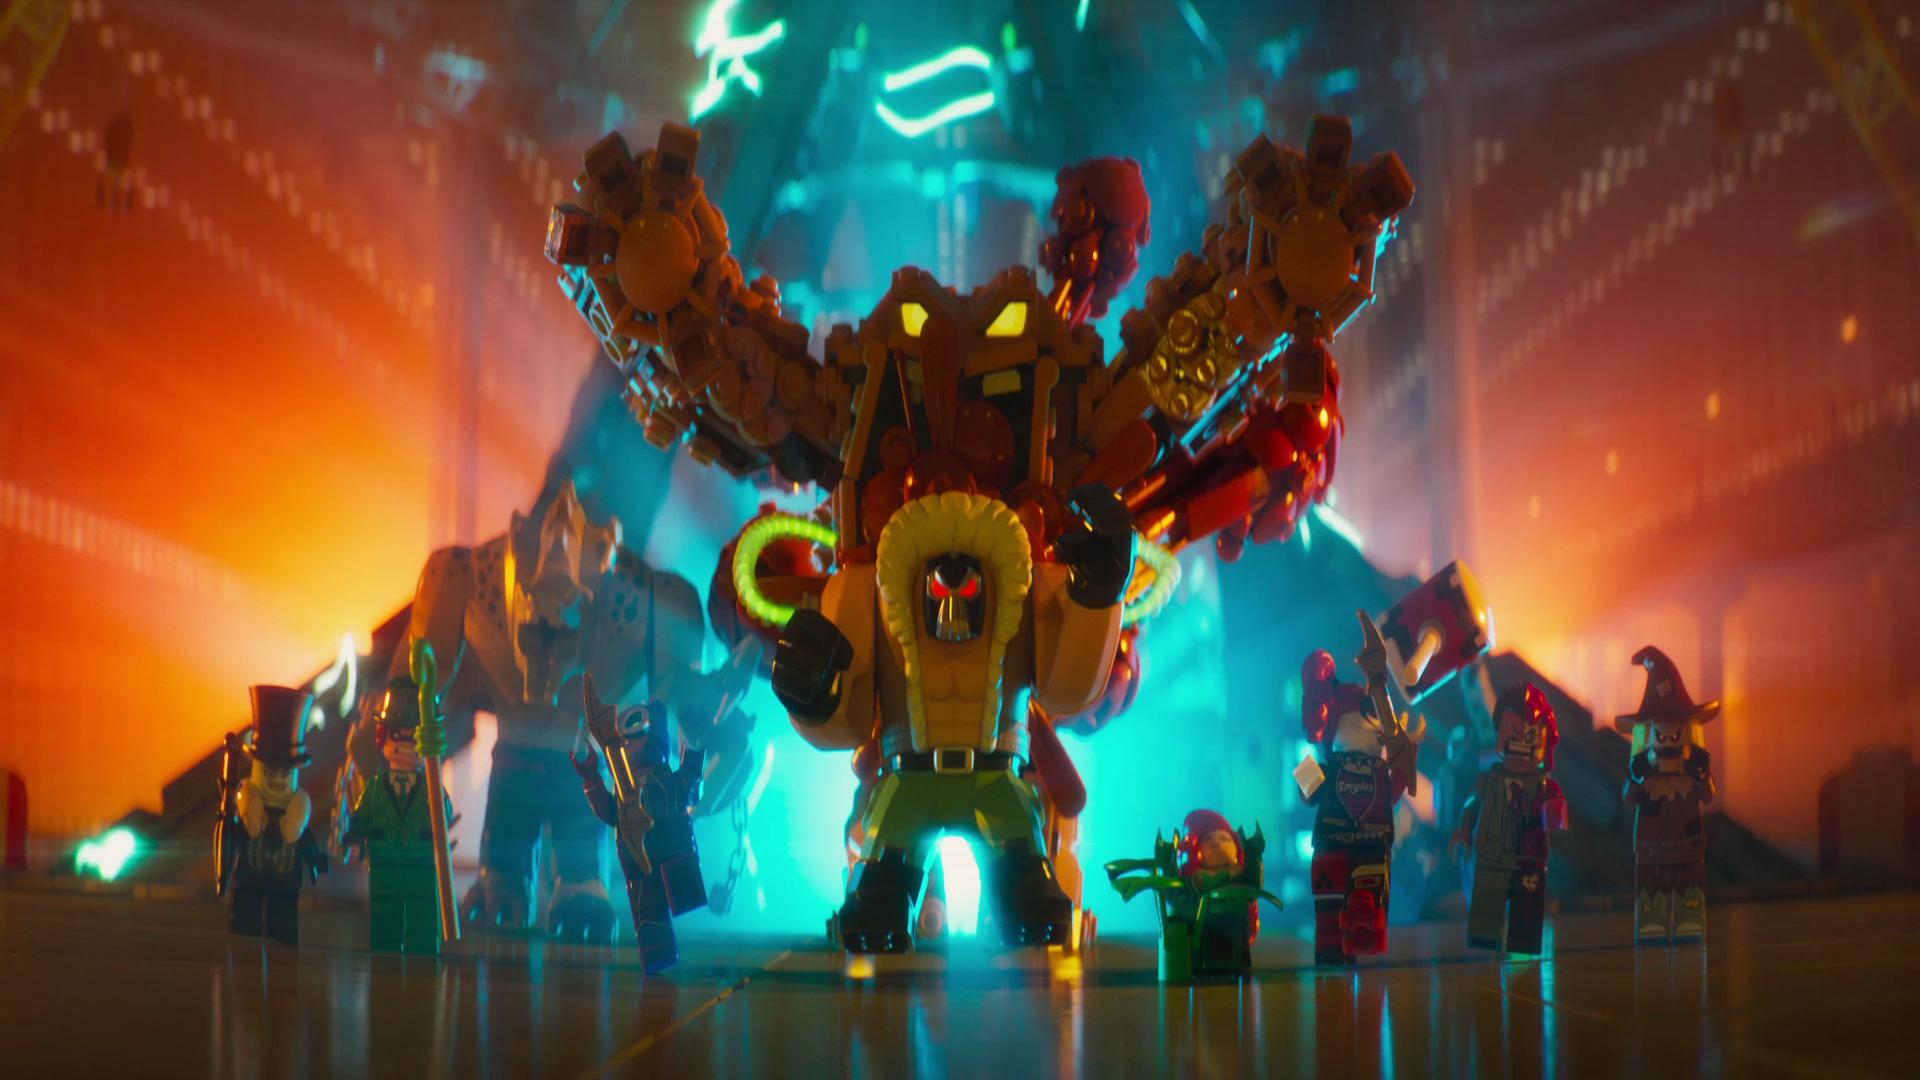 lego-batman-le-film-review-my-geek-actu-mechants-villains